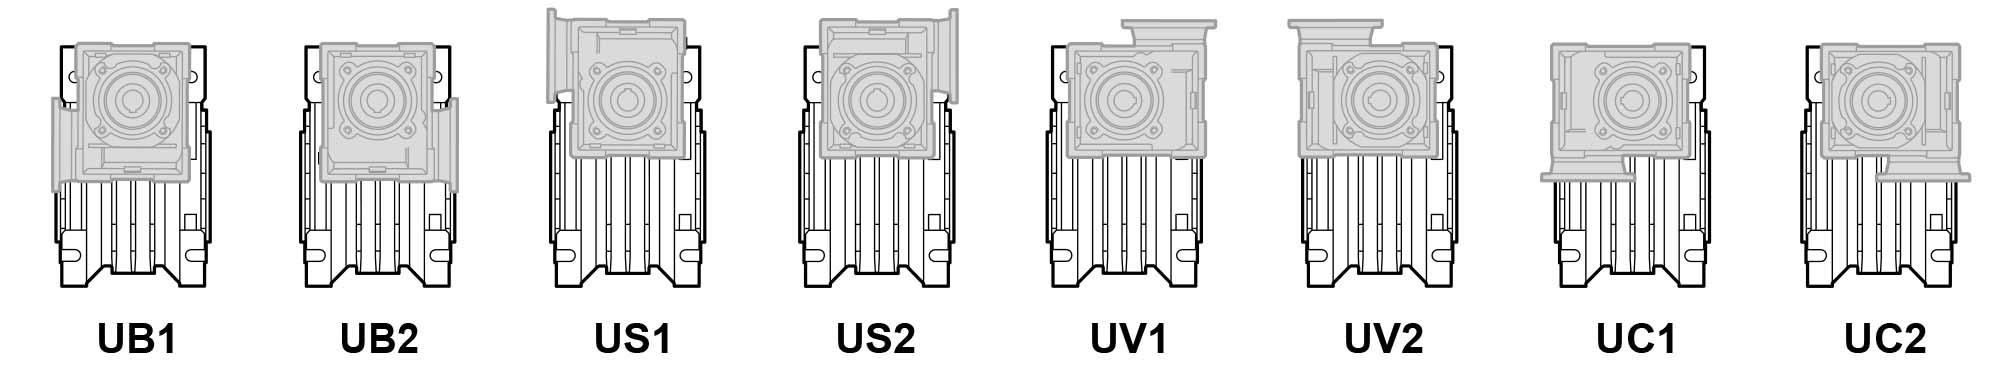 Монтажное исполнение первой ступени мотор-редукторов CMM